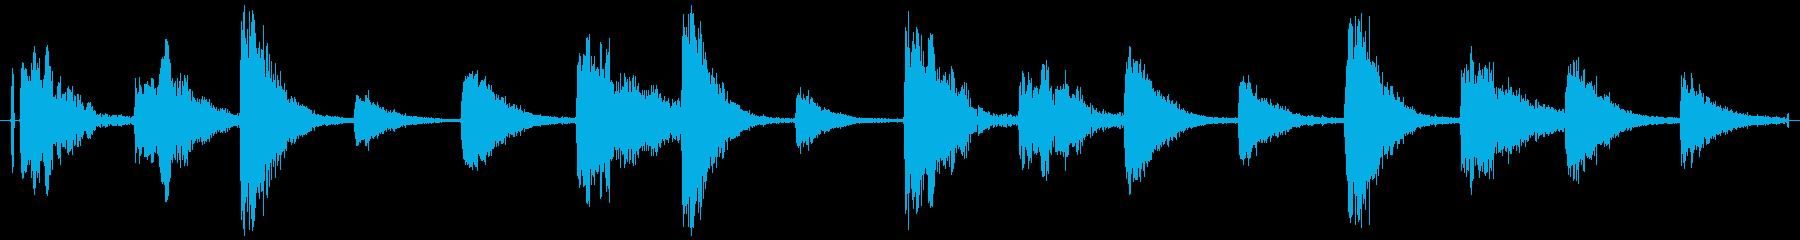 ドラムループ 可能 ウェット系01!の再生済みの波形